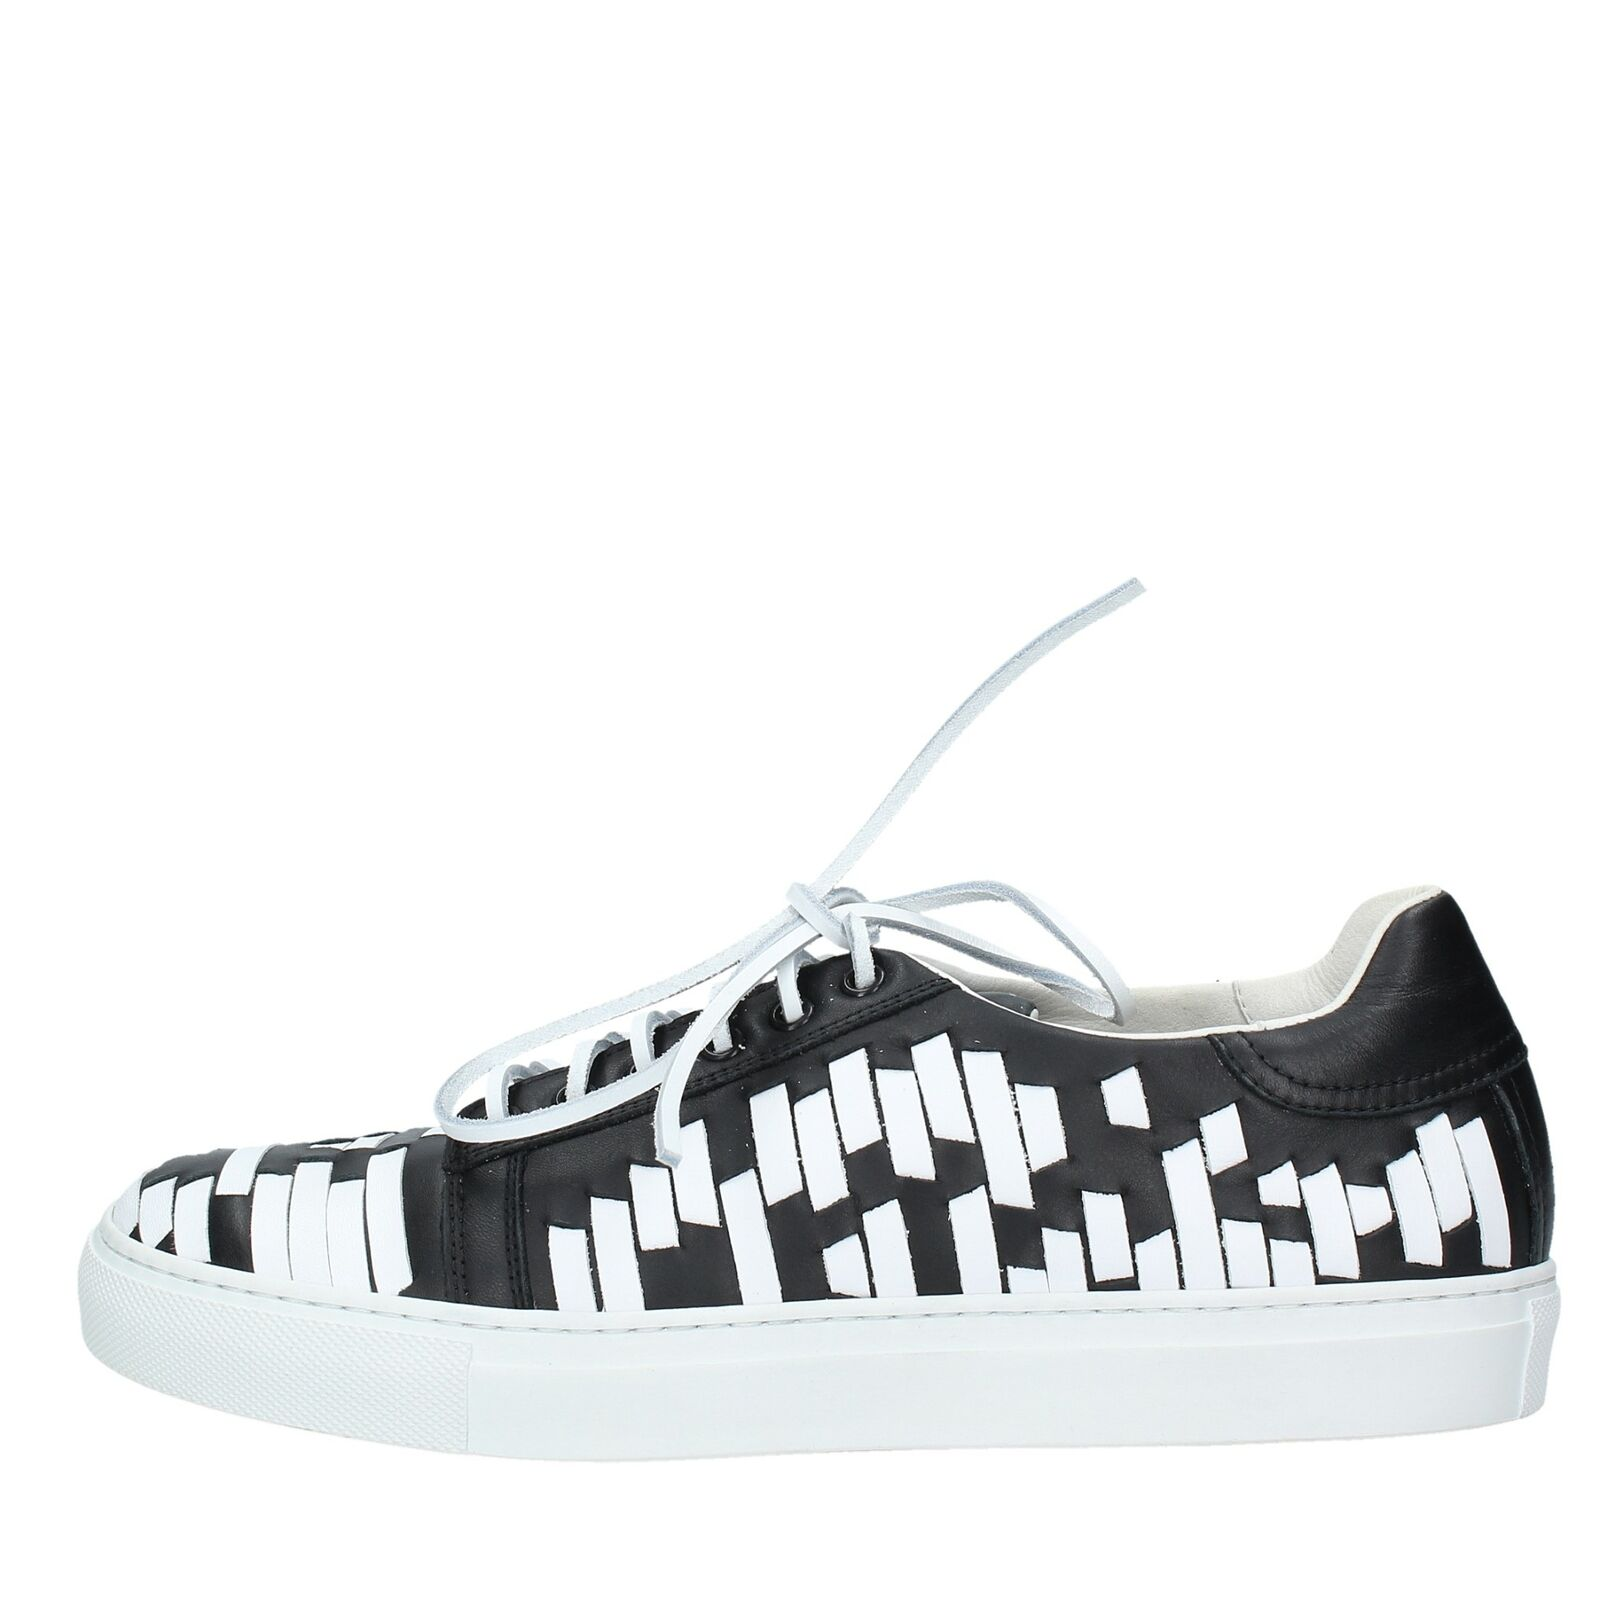 NV1119 Scarpe scarpe da ginnastica CESARE PACIOTTI uomo Bianco Nero